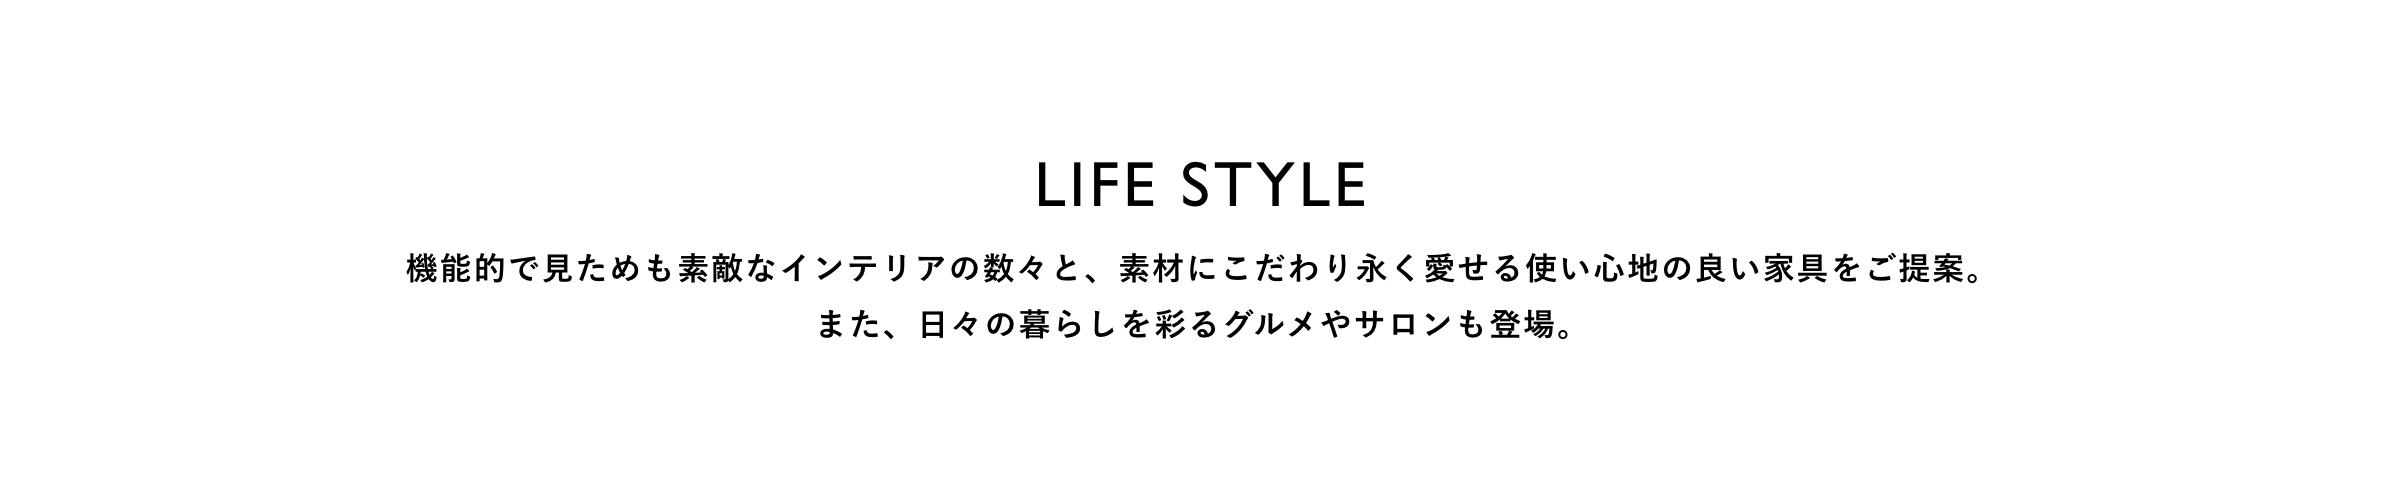 LIFE STYLE 使い心地の良いインテリアと暮らしを彩るグルメやサロン